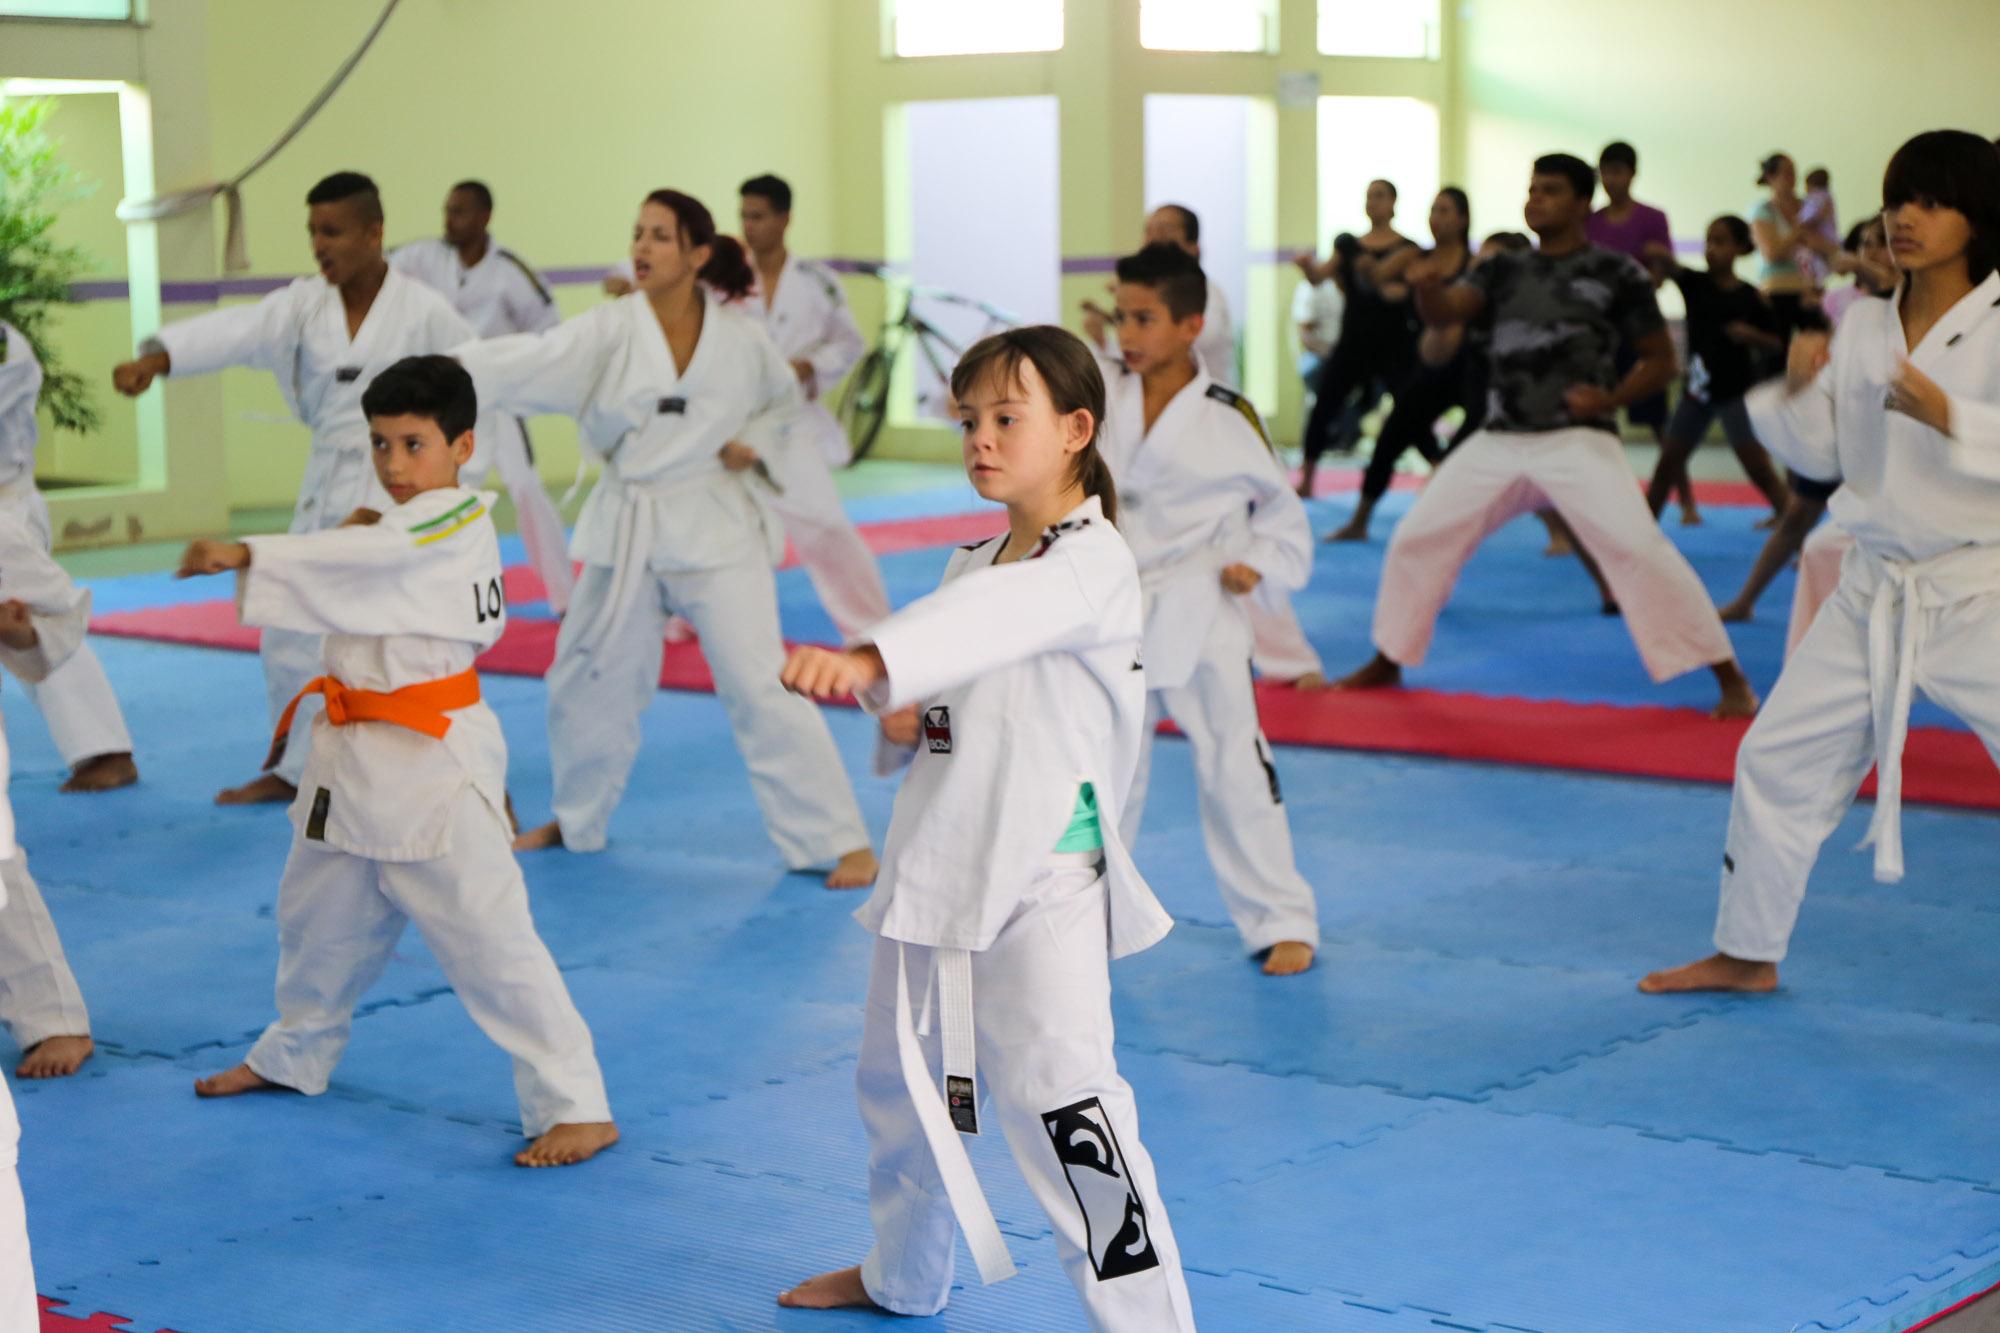 noticia Alunos do Taekwondo de Louveira recebem equipamentos  para treinos no Centro de Excelência de Artes Marciais.